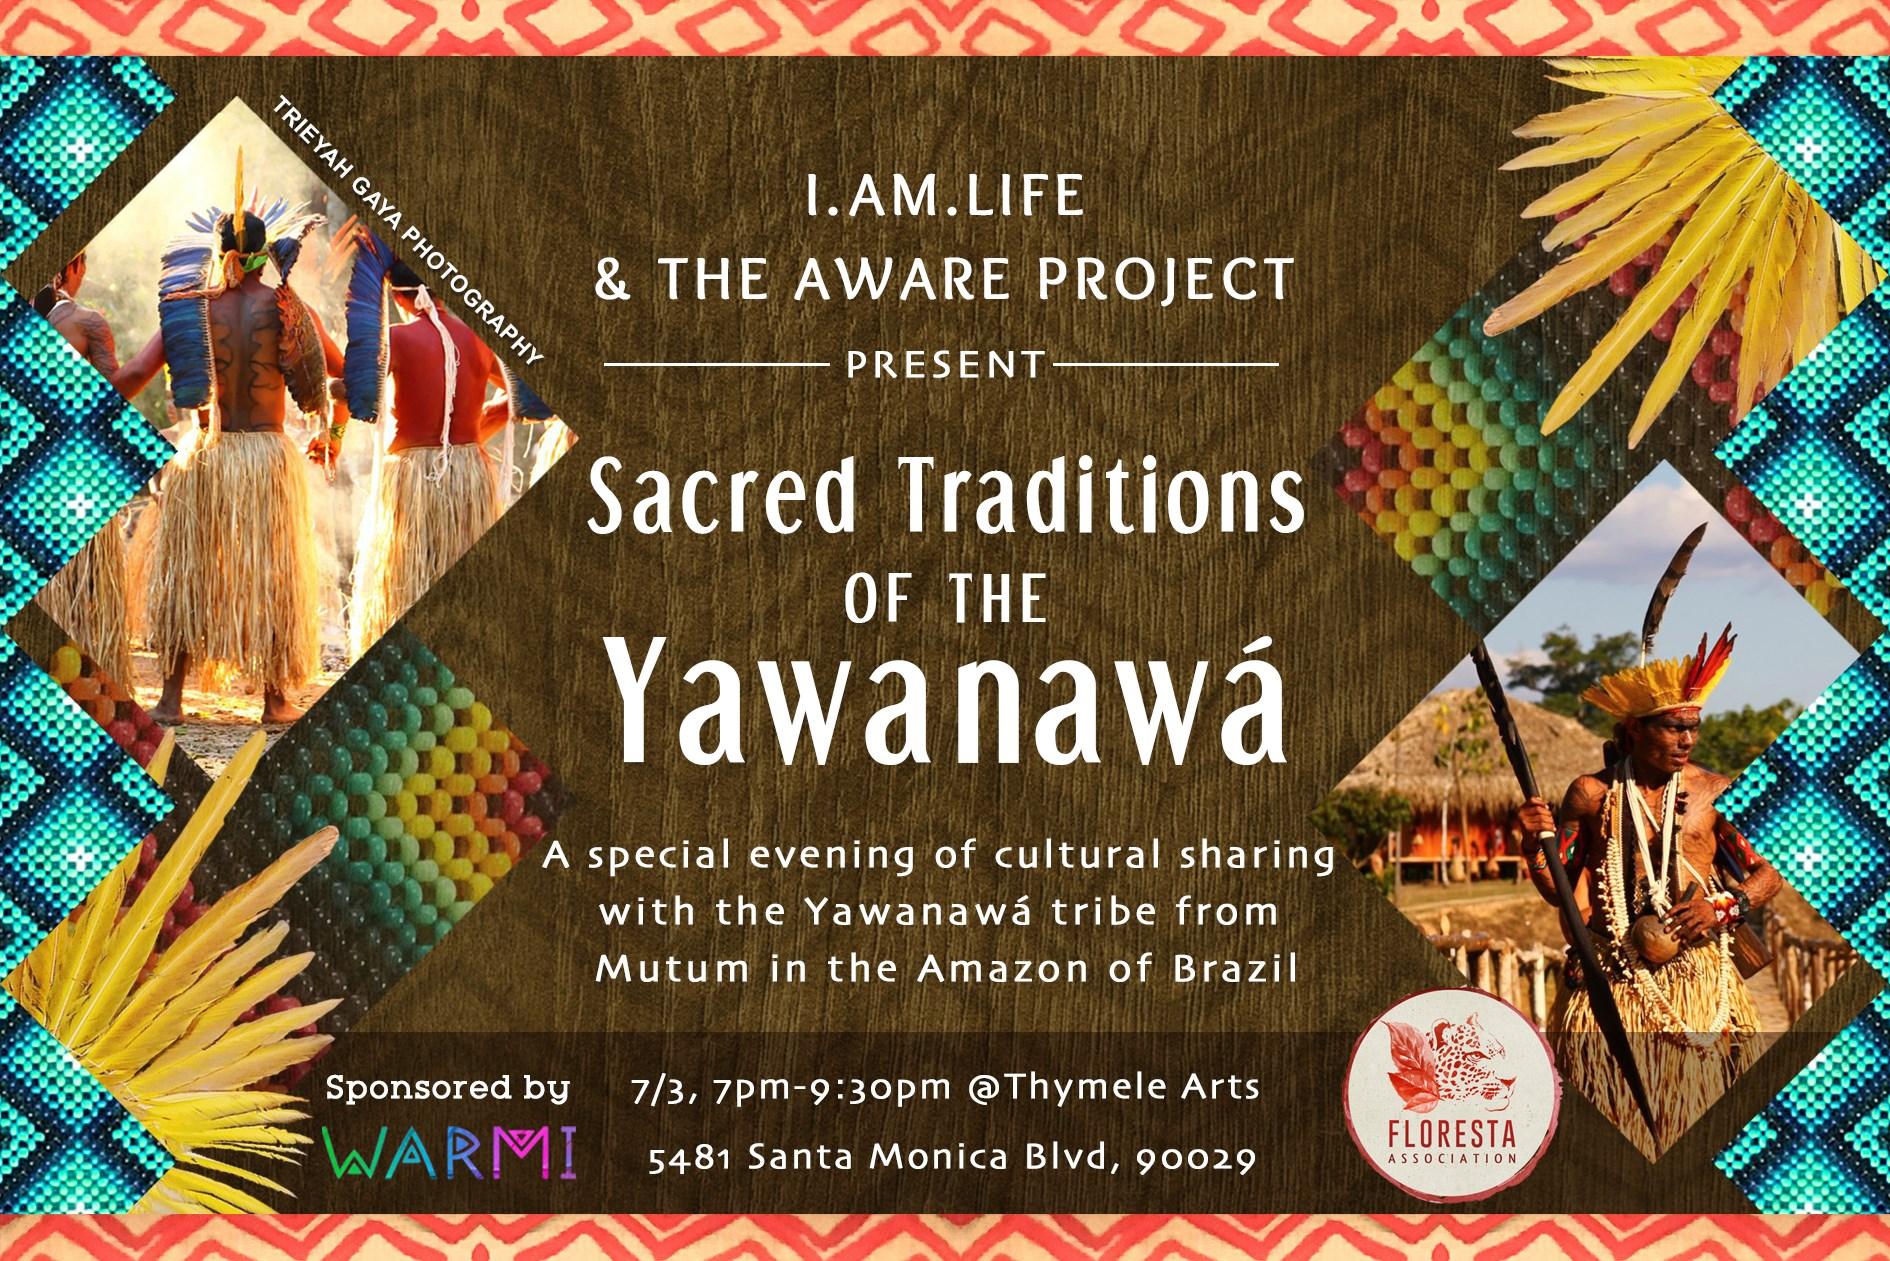 Sacred Traditions of the Yawanawá